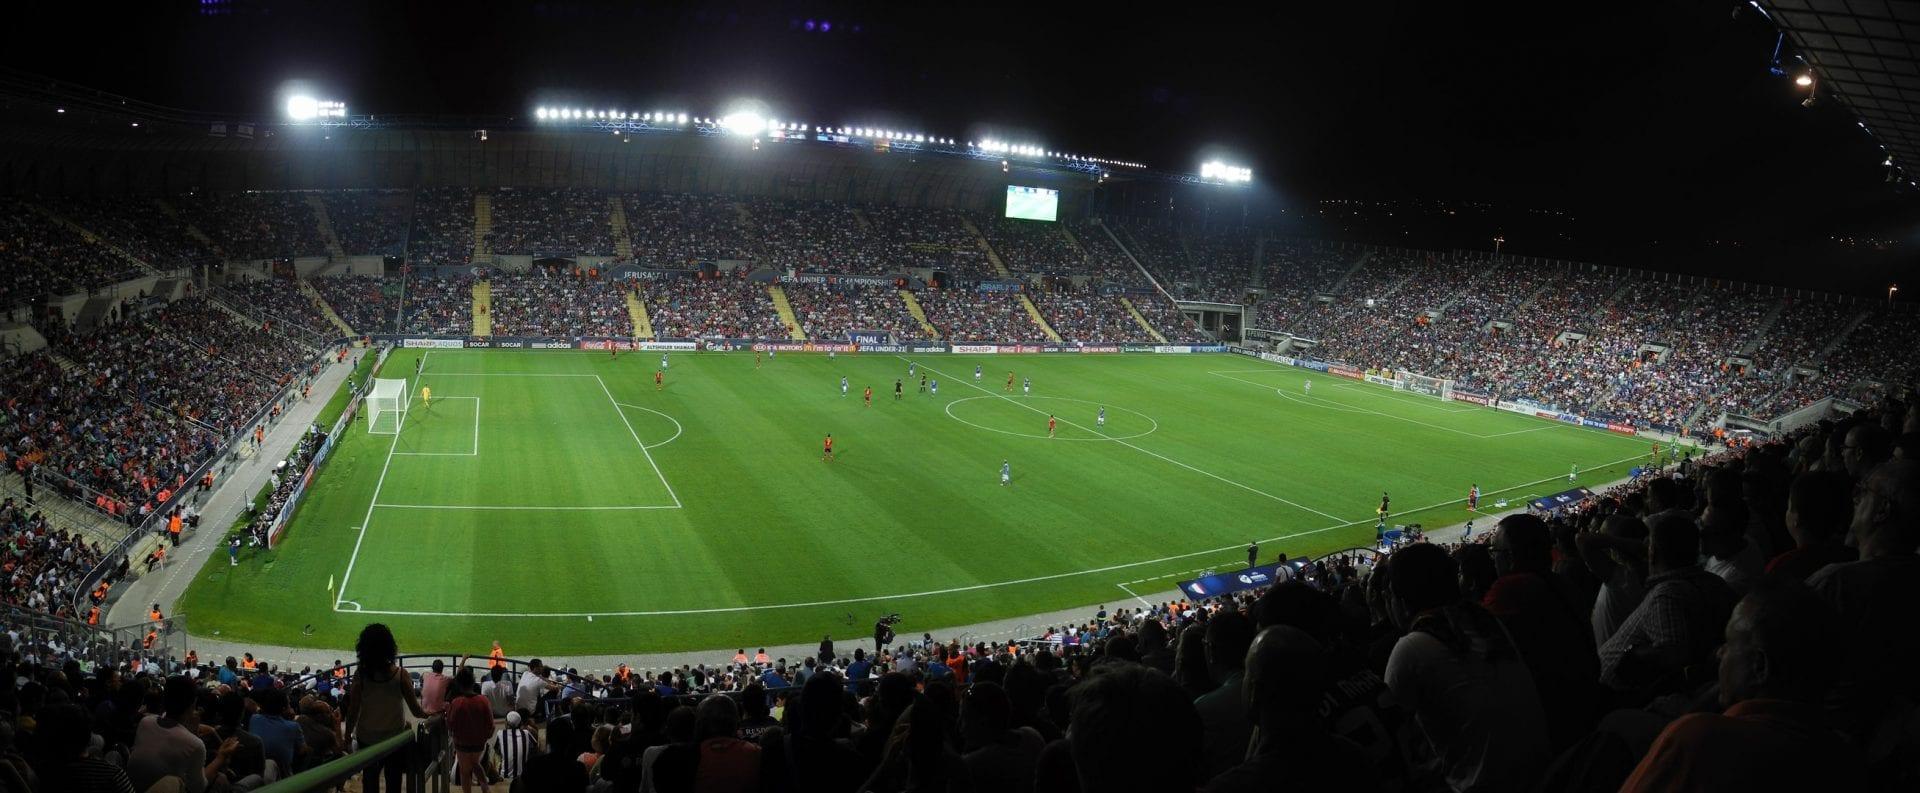 אצטדיון טדי